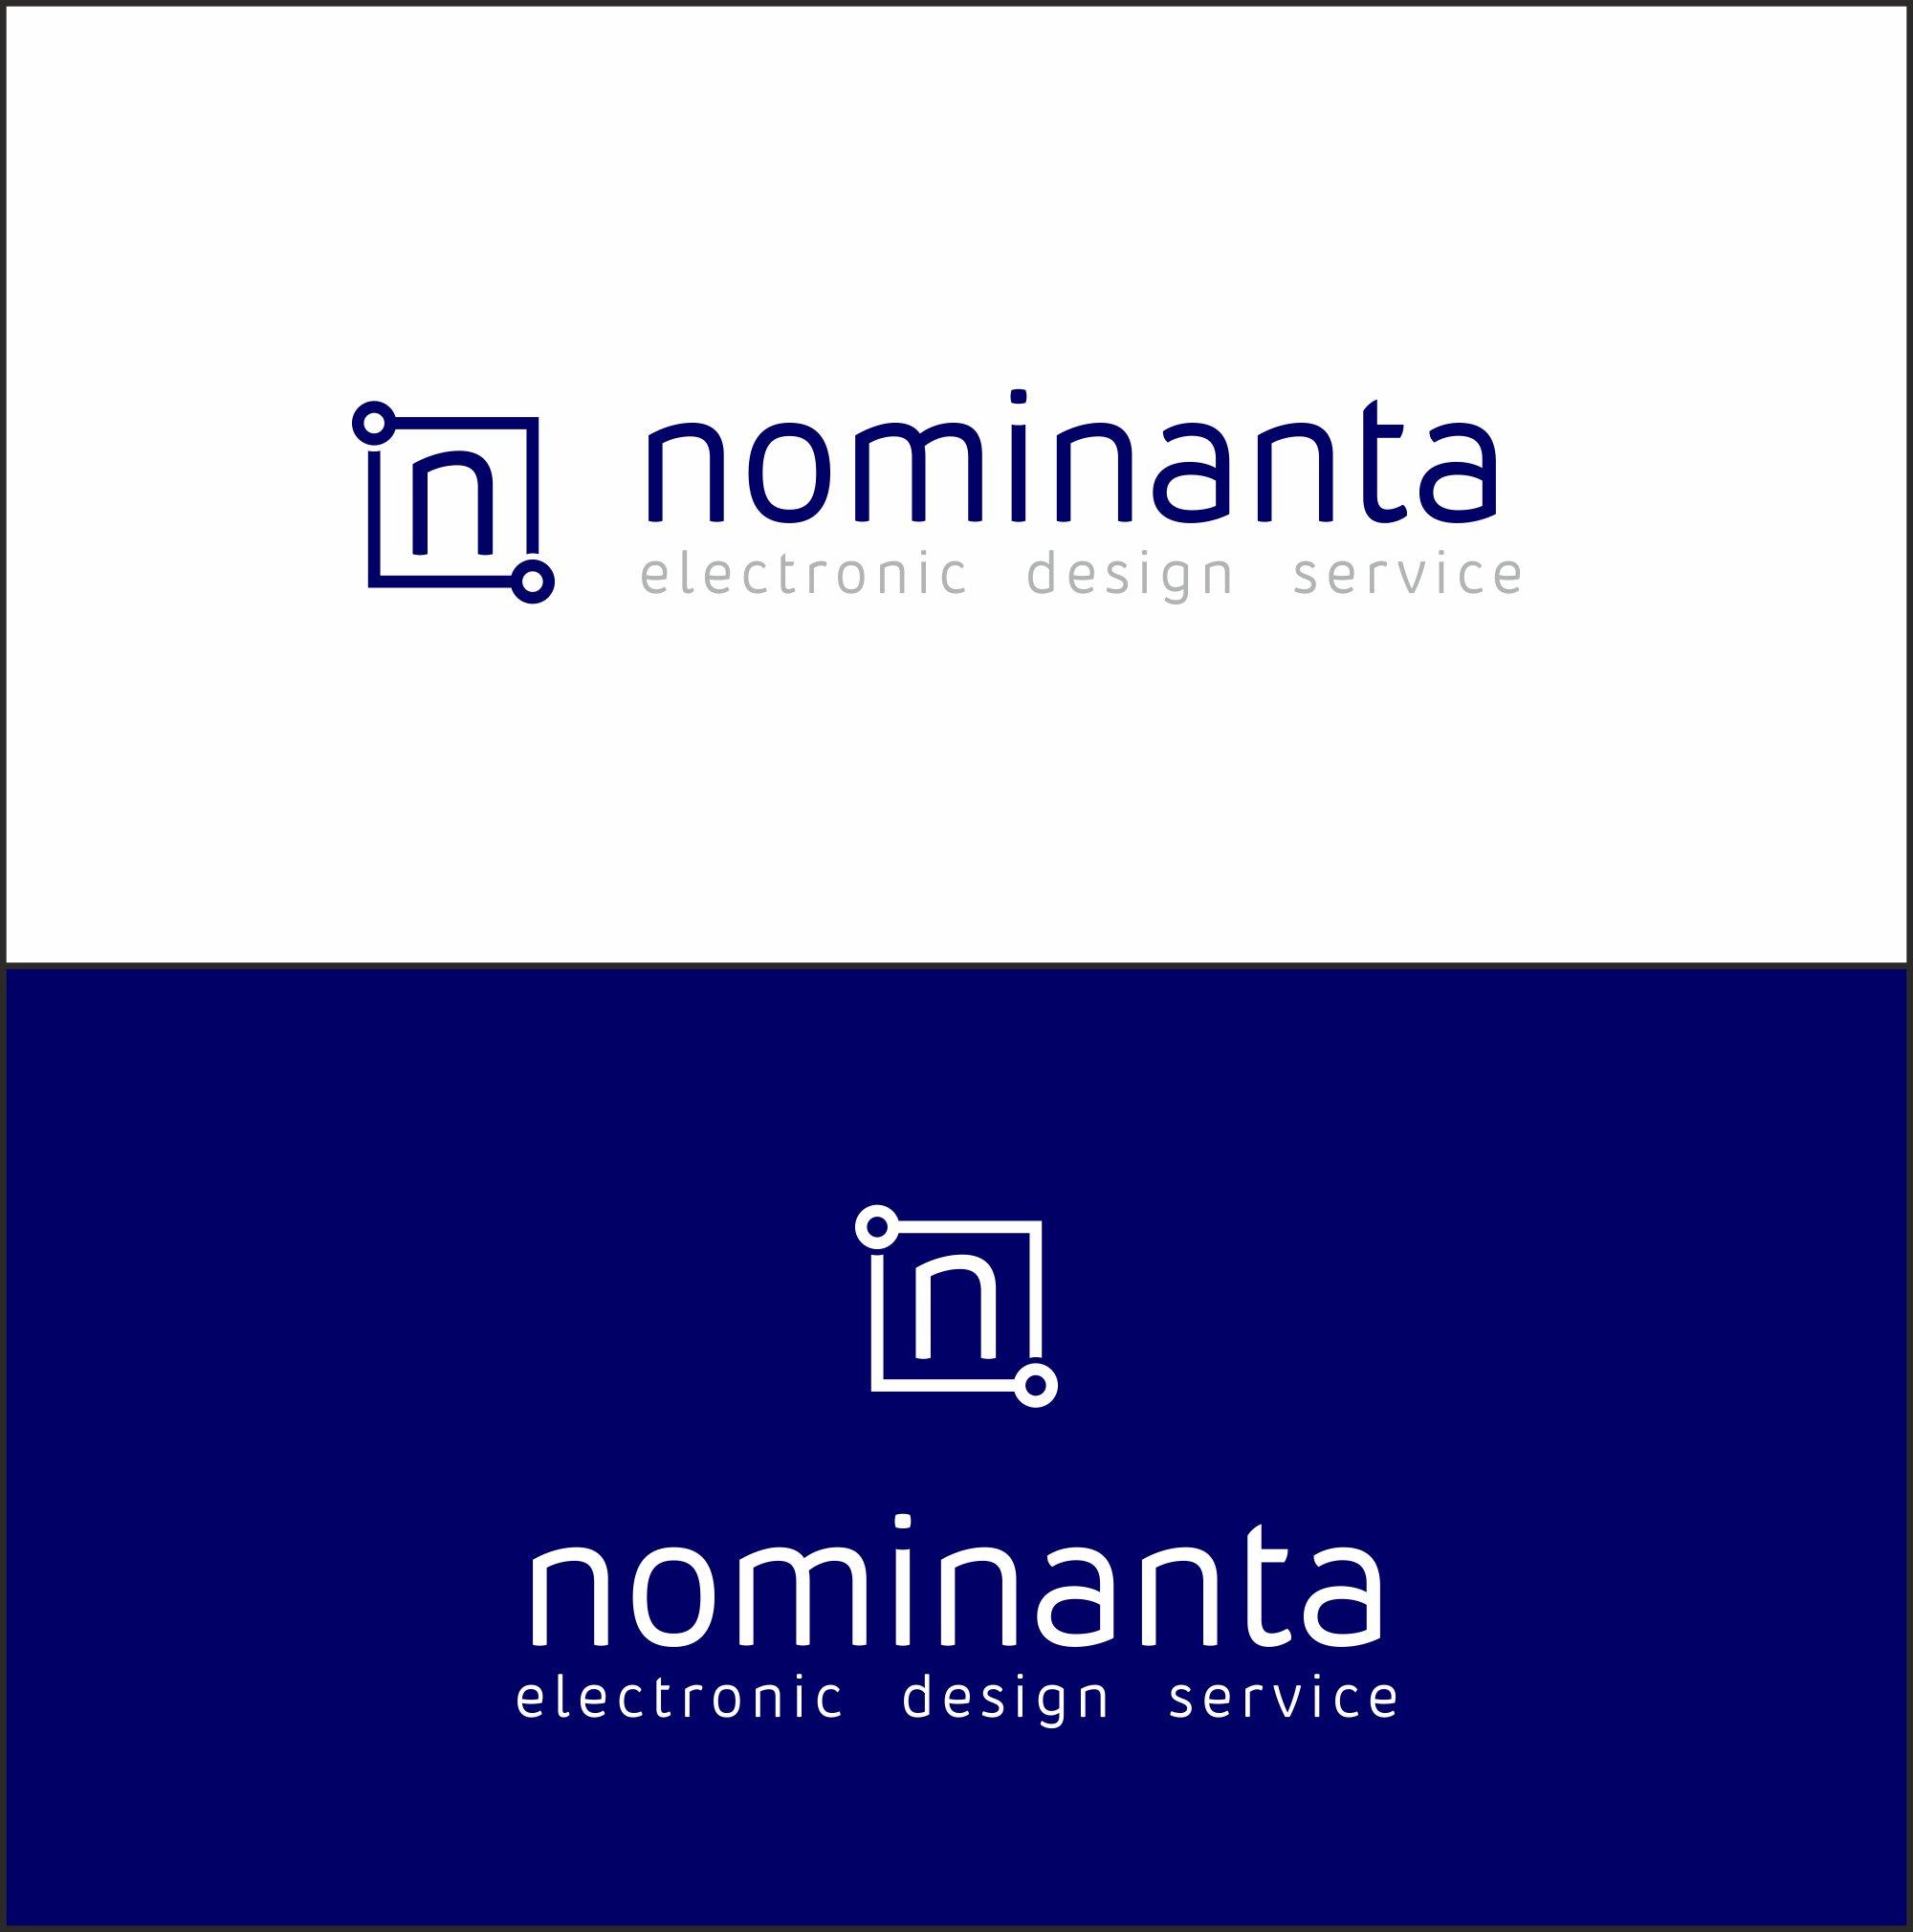 Разработать логотип для КБ по разработке электроники фото f_2145e42445f740de.jpg